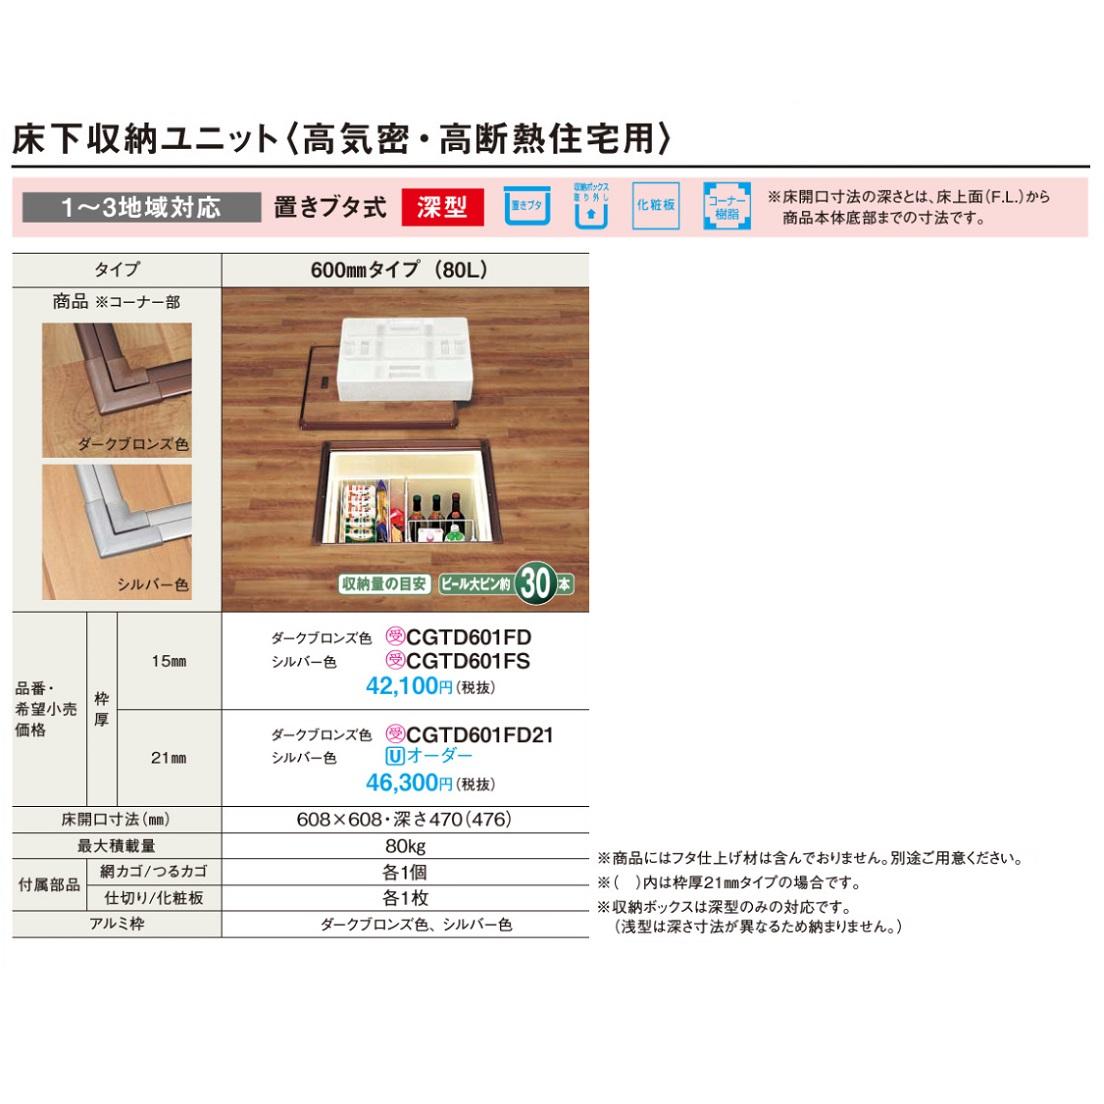 パナソニック 床下収納 置きブタ式(枠厚15mm/高気密・高断熱住宅用) 【CGTD601FD】